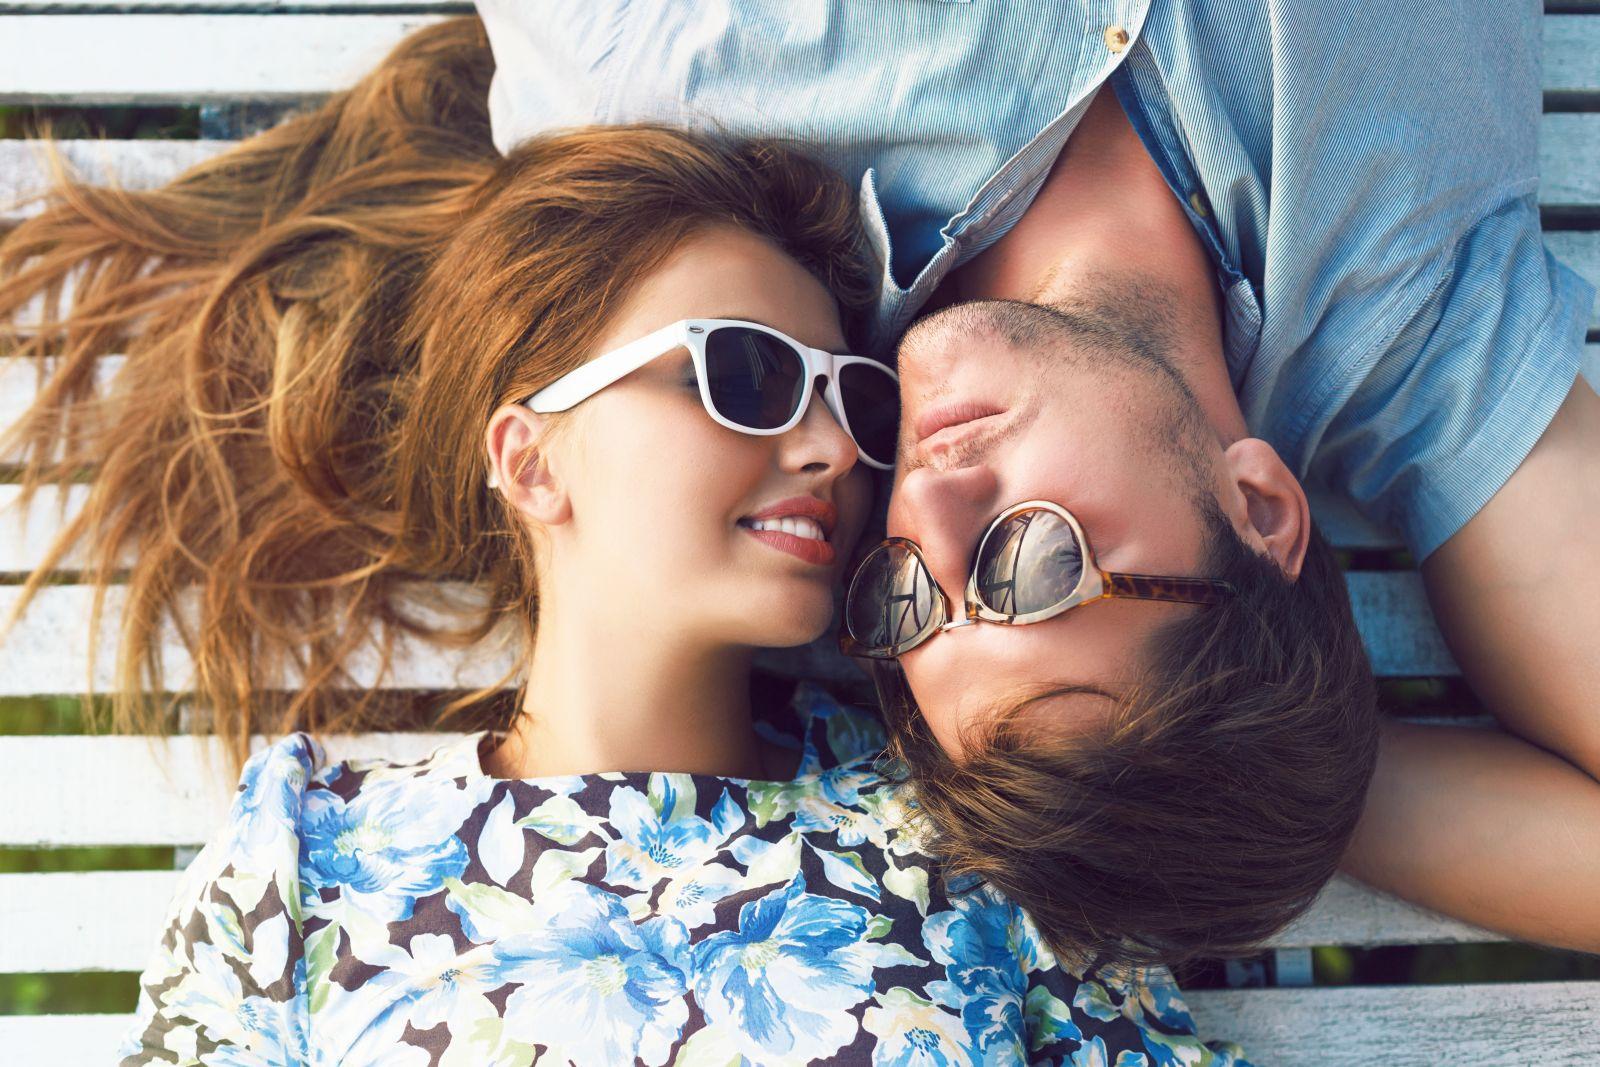 Снова влюблены: 8 способов вернуть былую страсть в отношения